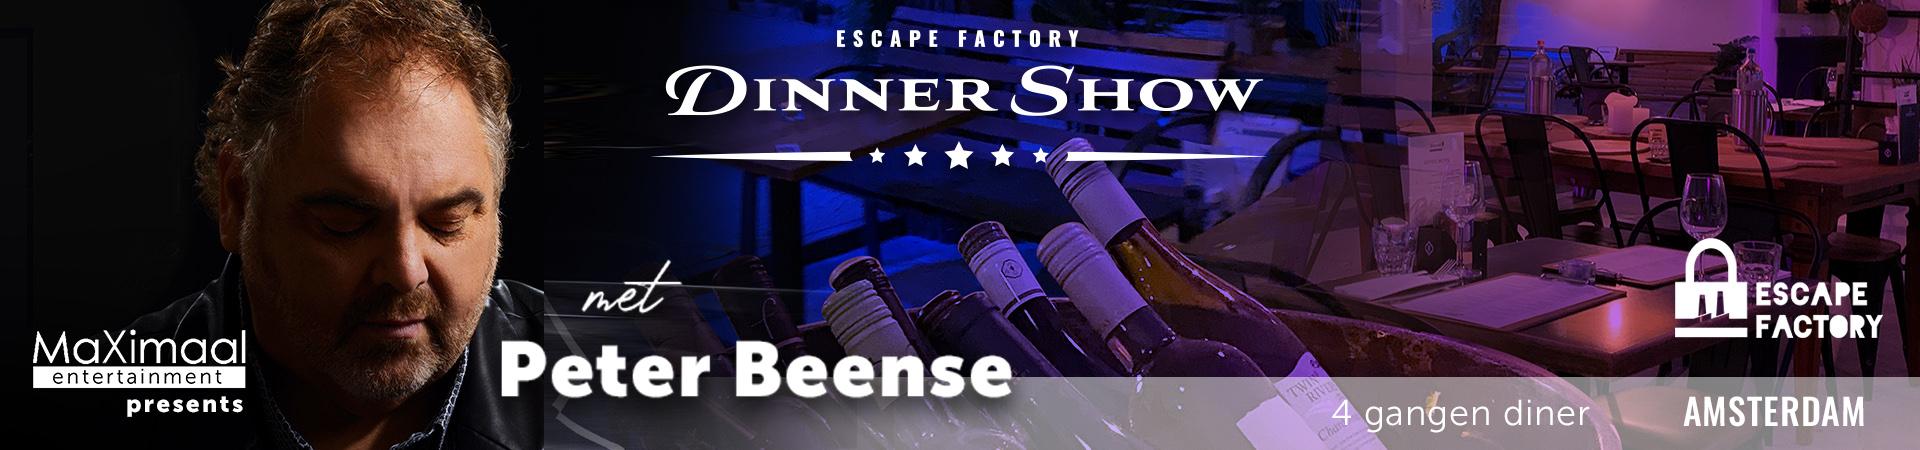 Beense_EF_DinnerShow_1920 (1)